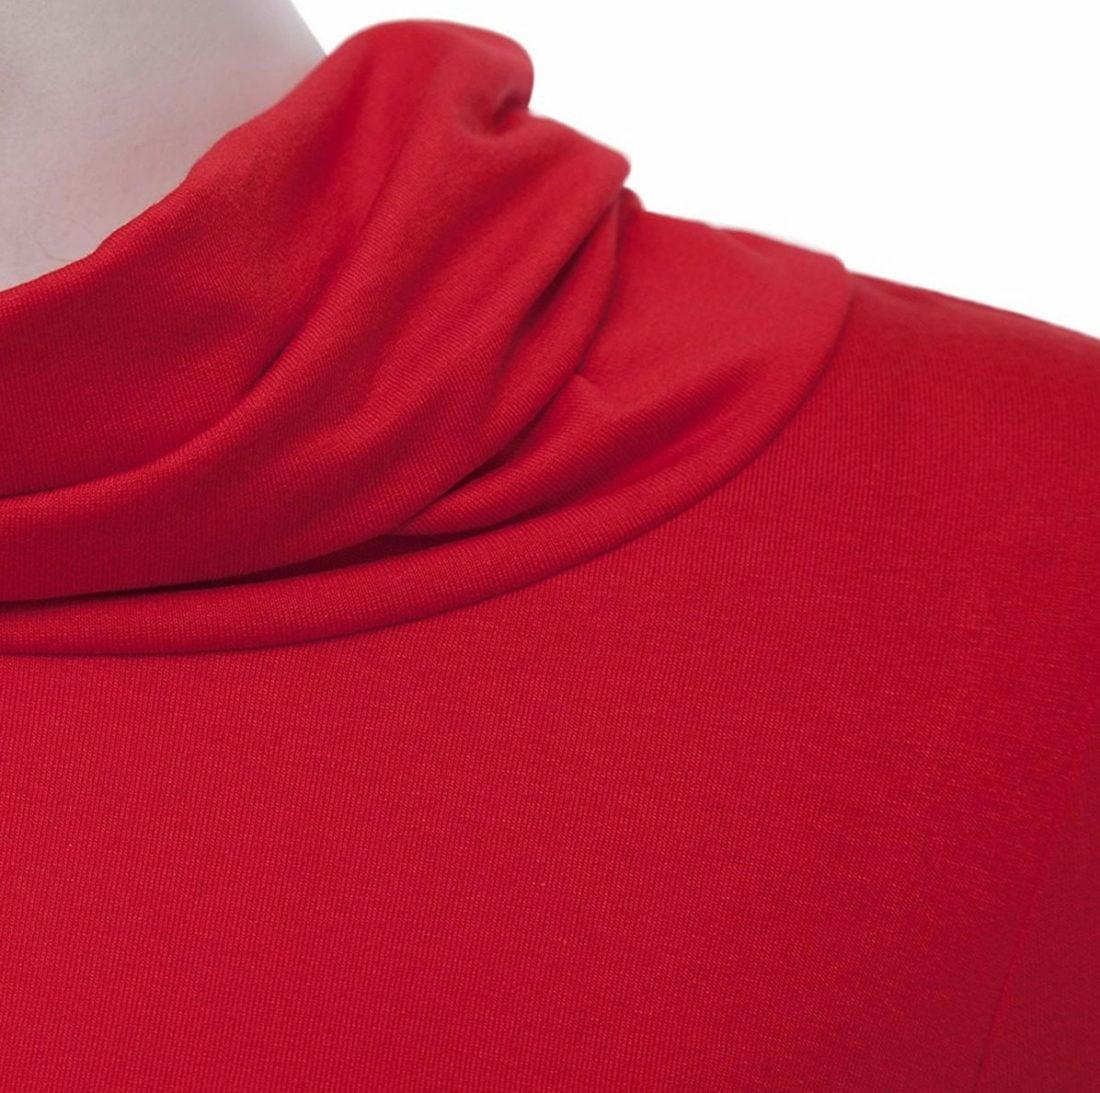 M0181 red4 Two Piece Sets Dresses maureens.com boutique